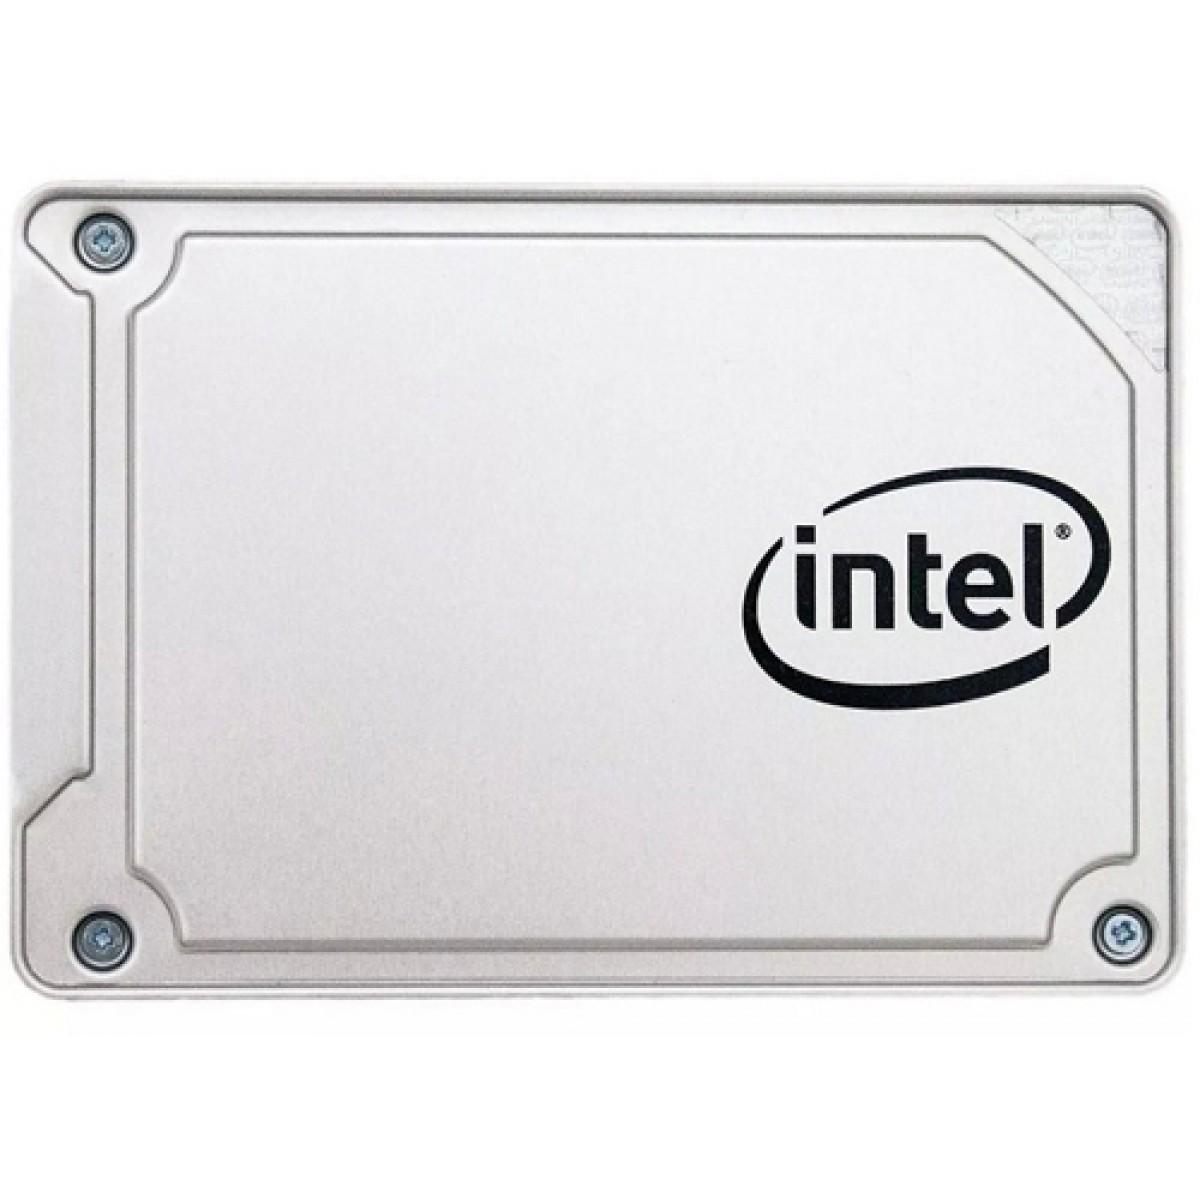 SSD Intel Series 545s 512GB SATA III Leitura 550MB/s e Gravação 500MB/s, SSDSC2KW512G8X1